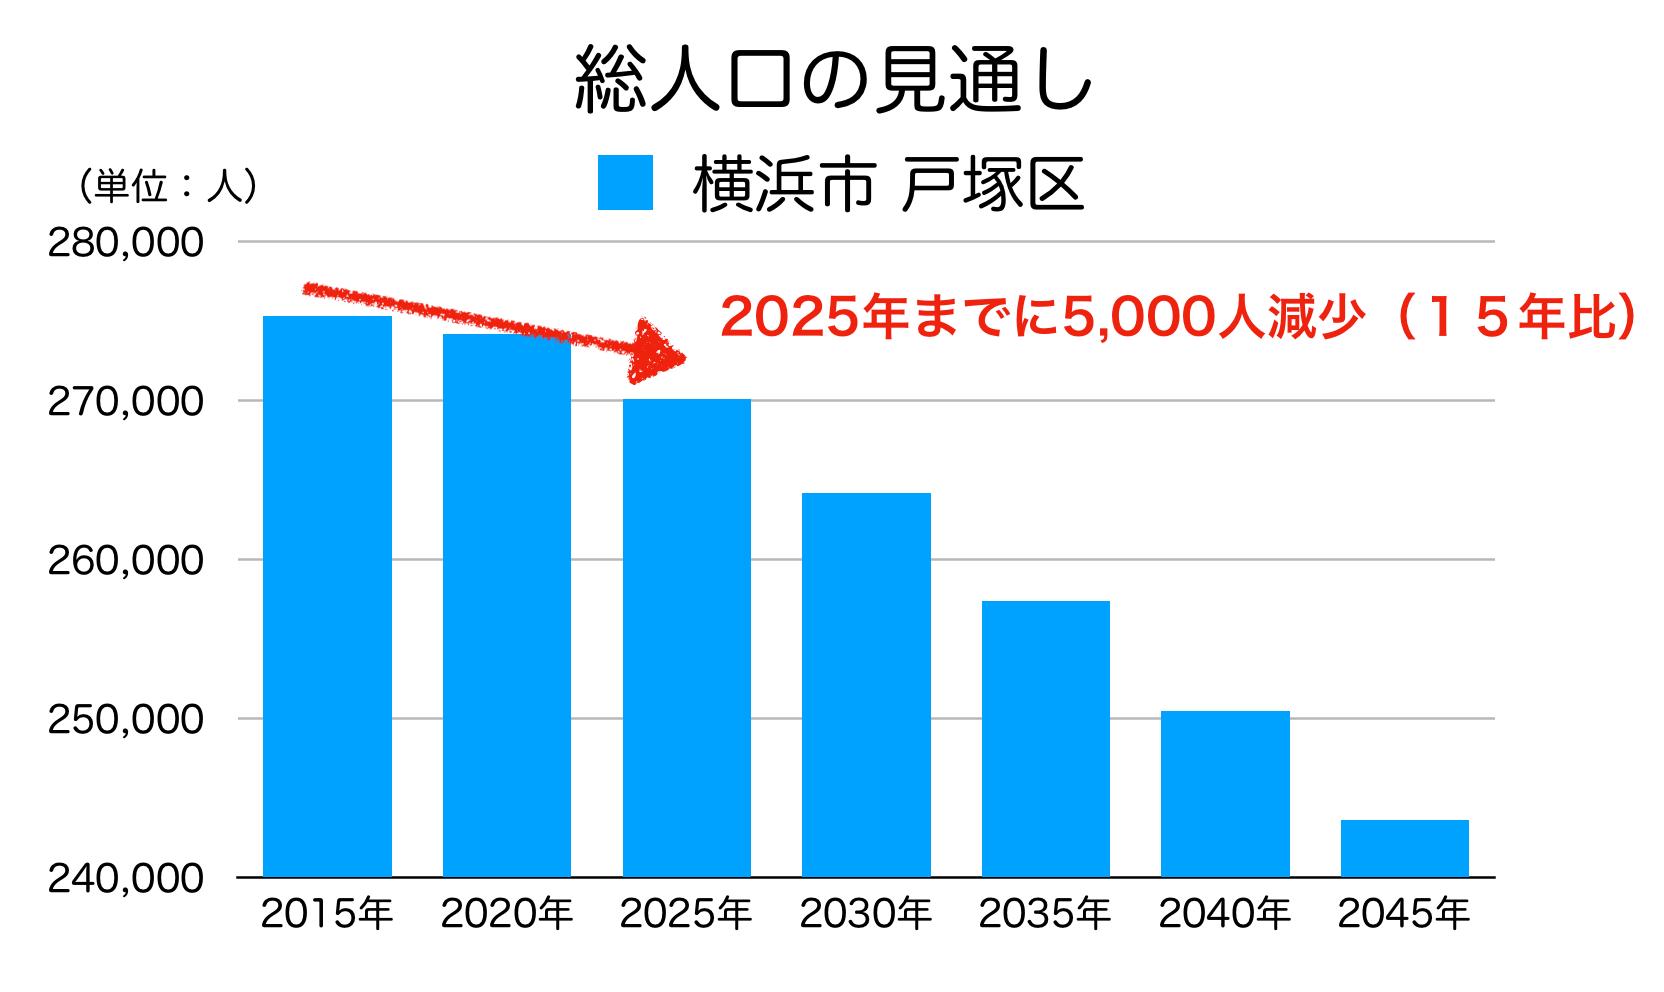 横浜市戸塚区の人口予測